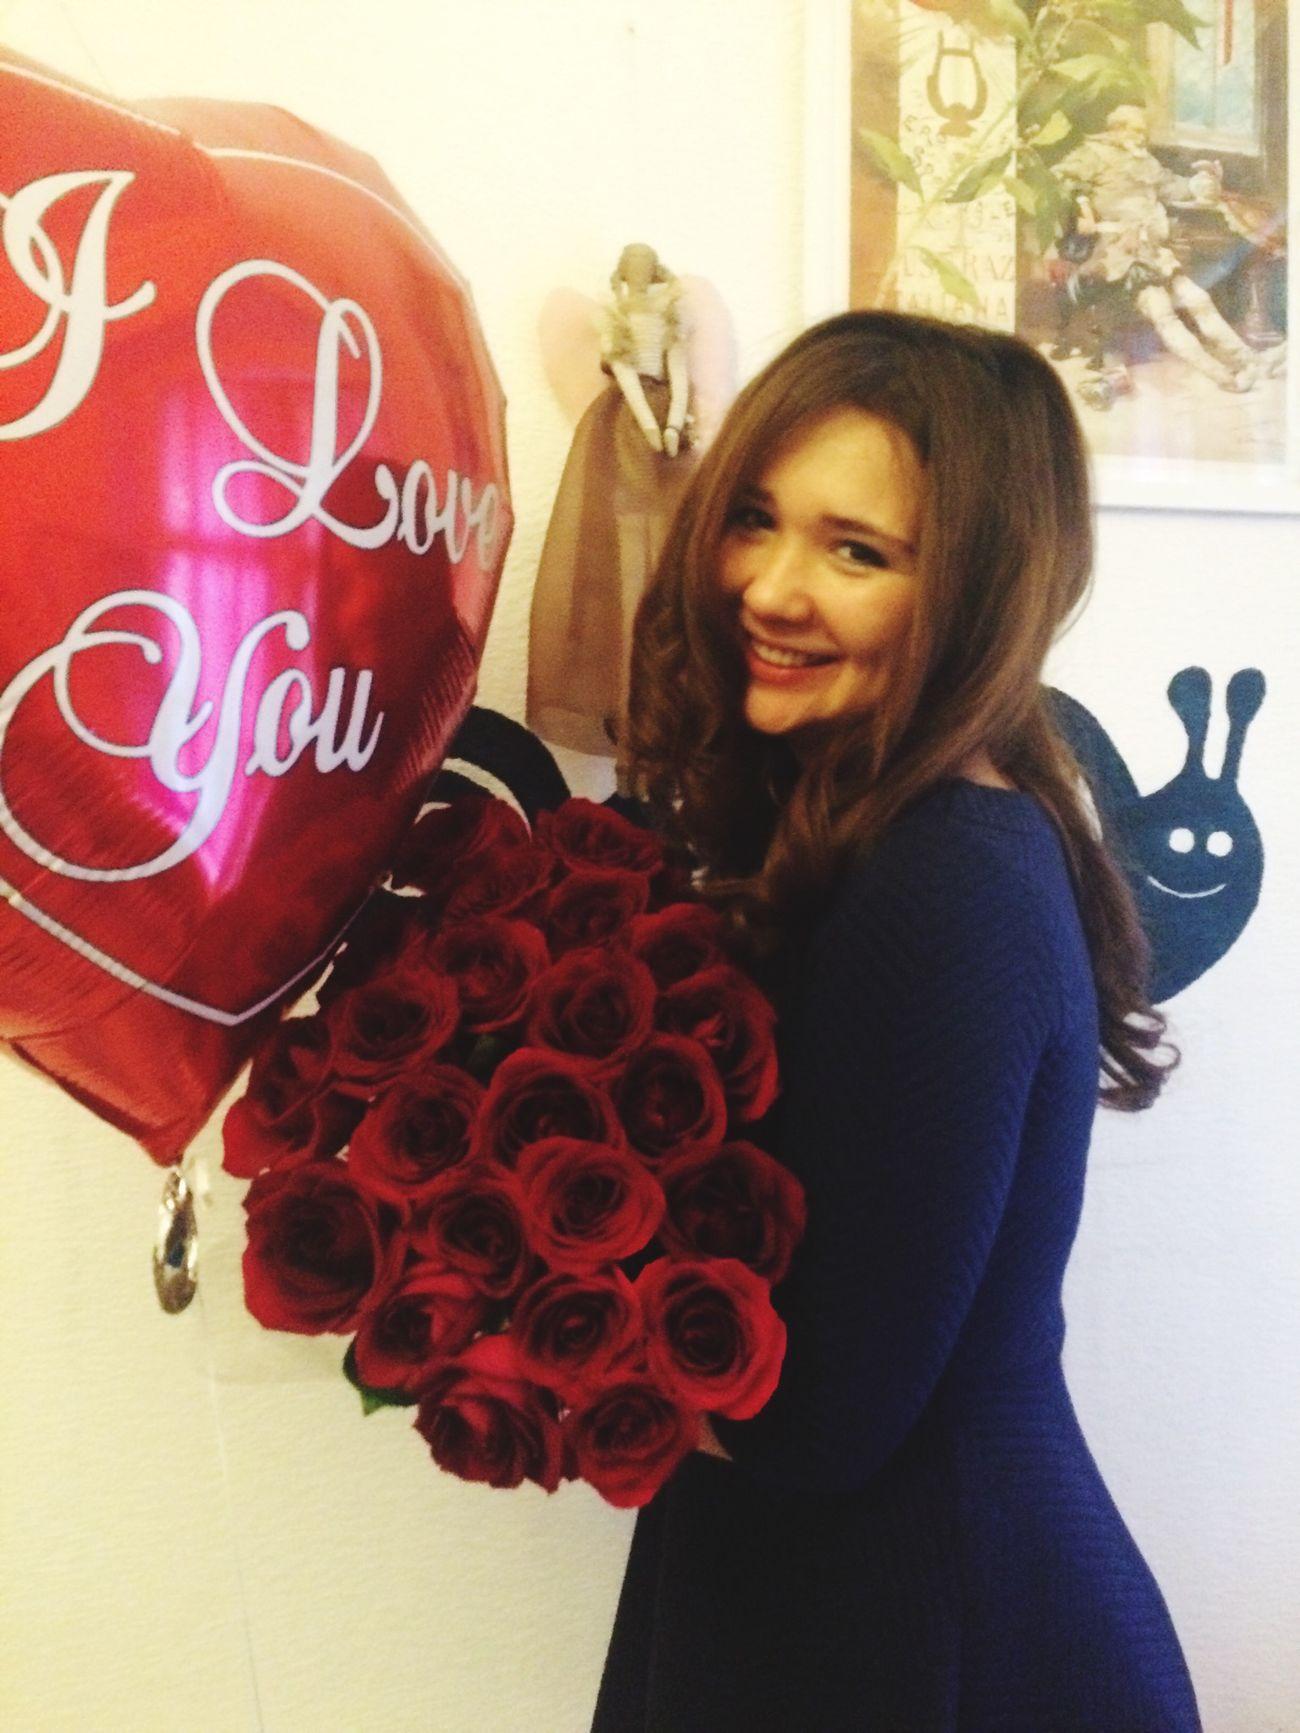 Roses ThatsMe Bithday 14 October 23 Years